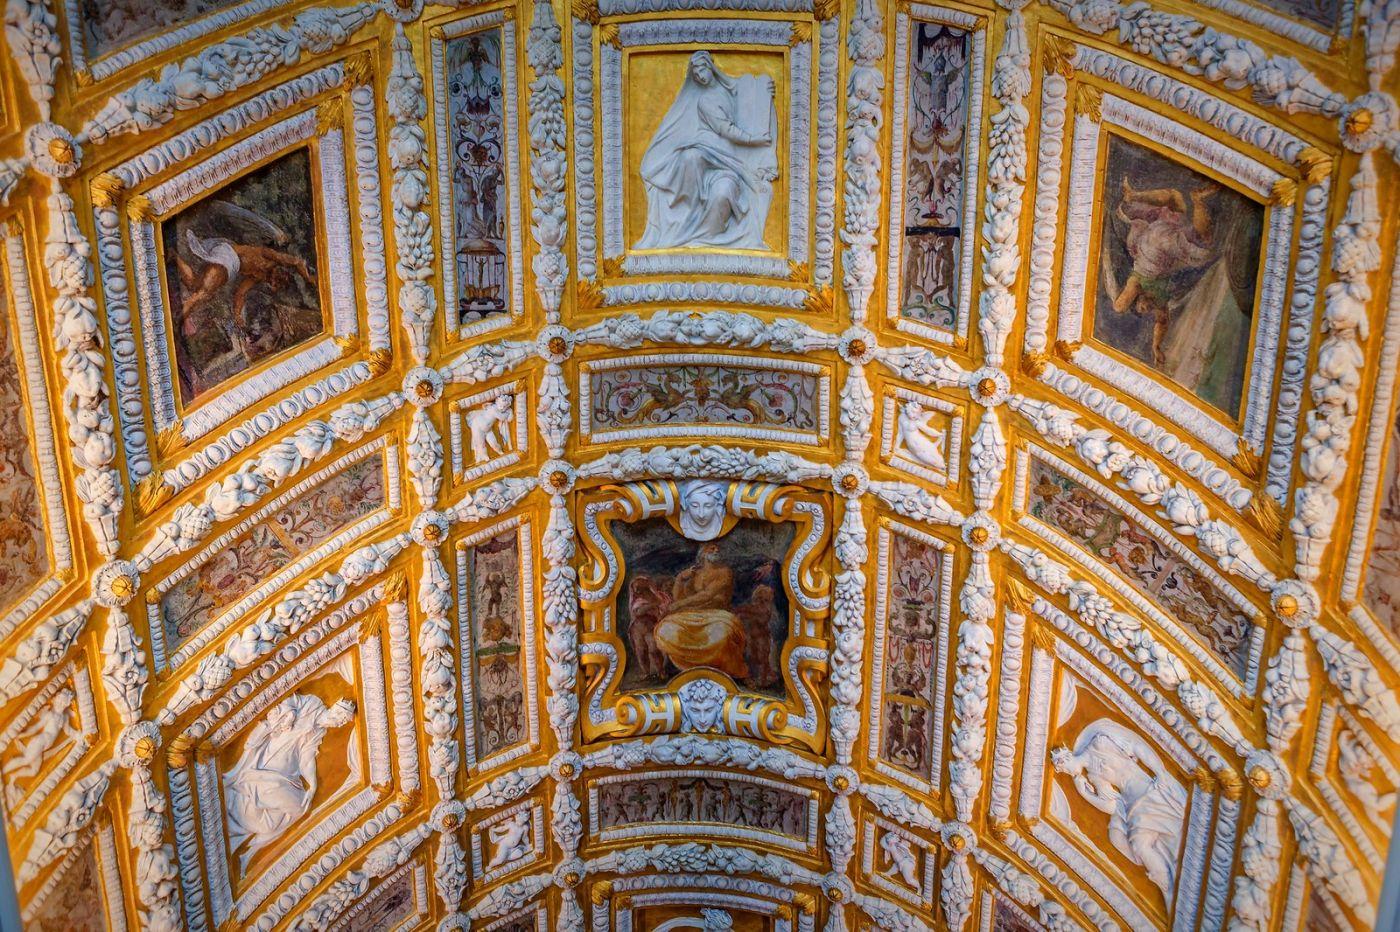 威尼斯圣马可大教堂(St Mark's Basilica), 精雕细琢的顶设_图1-27